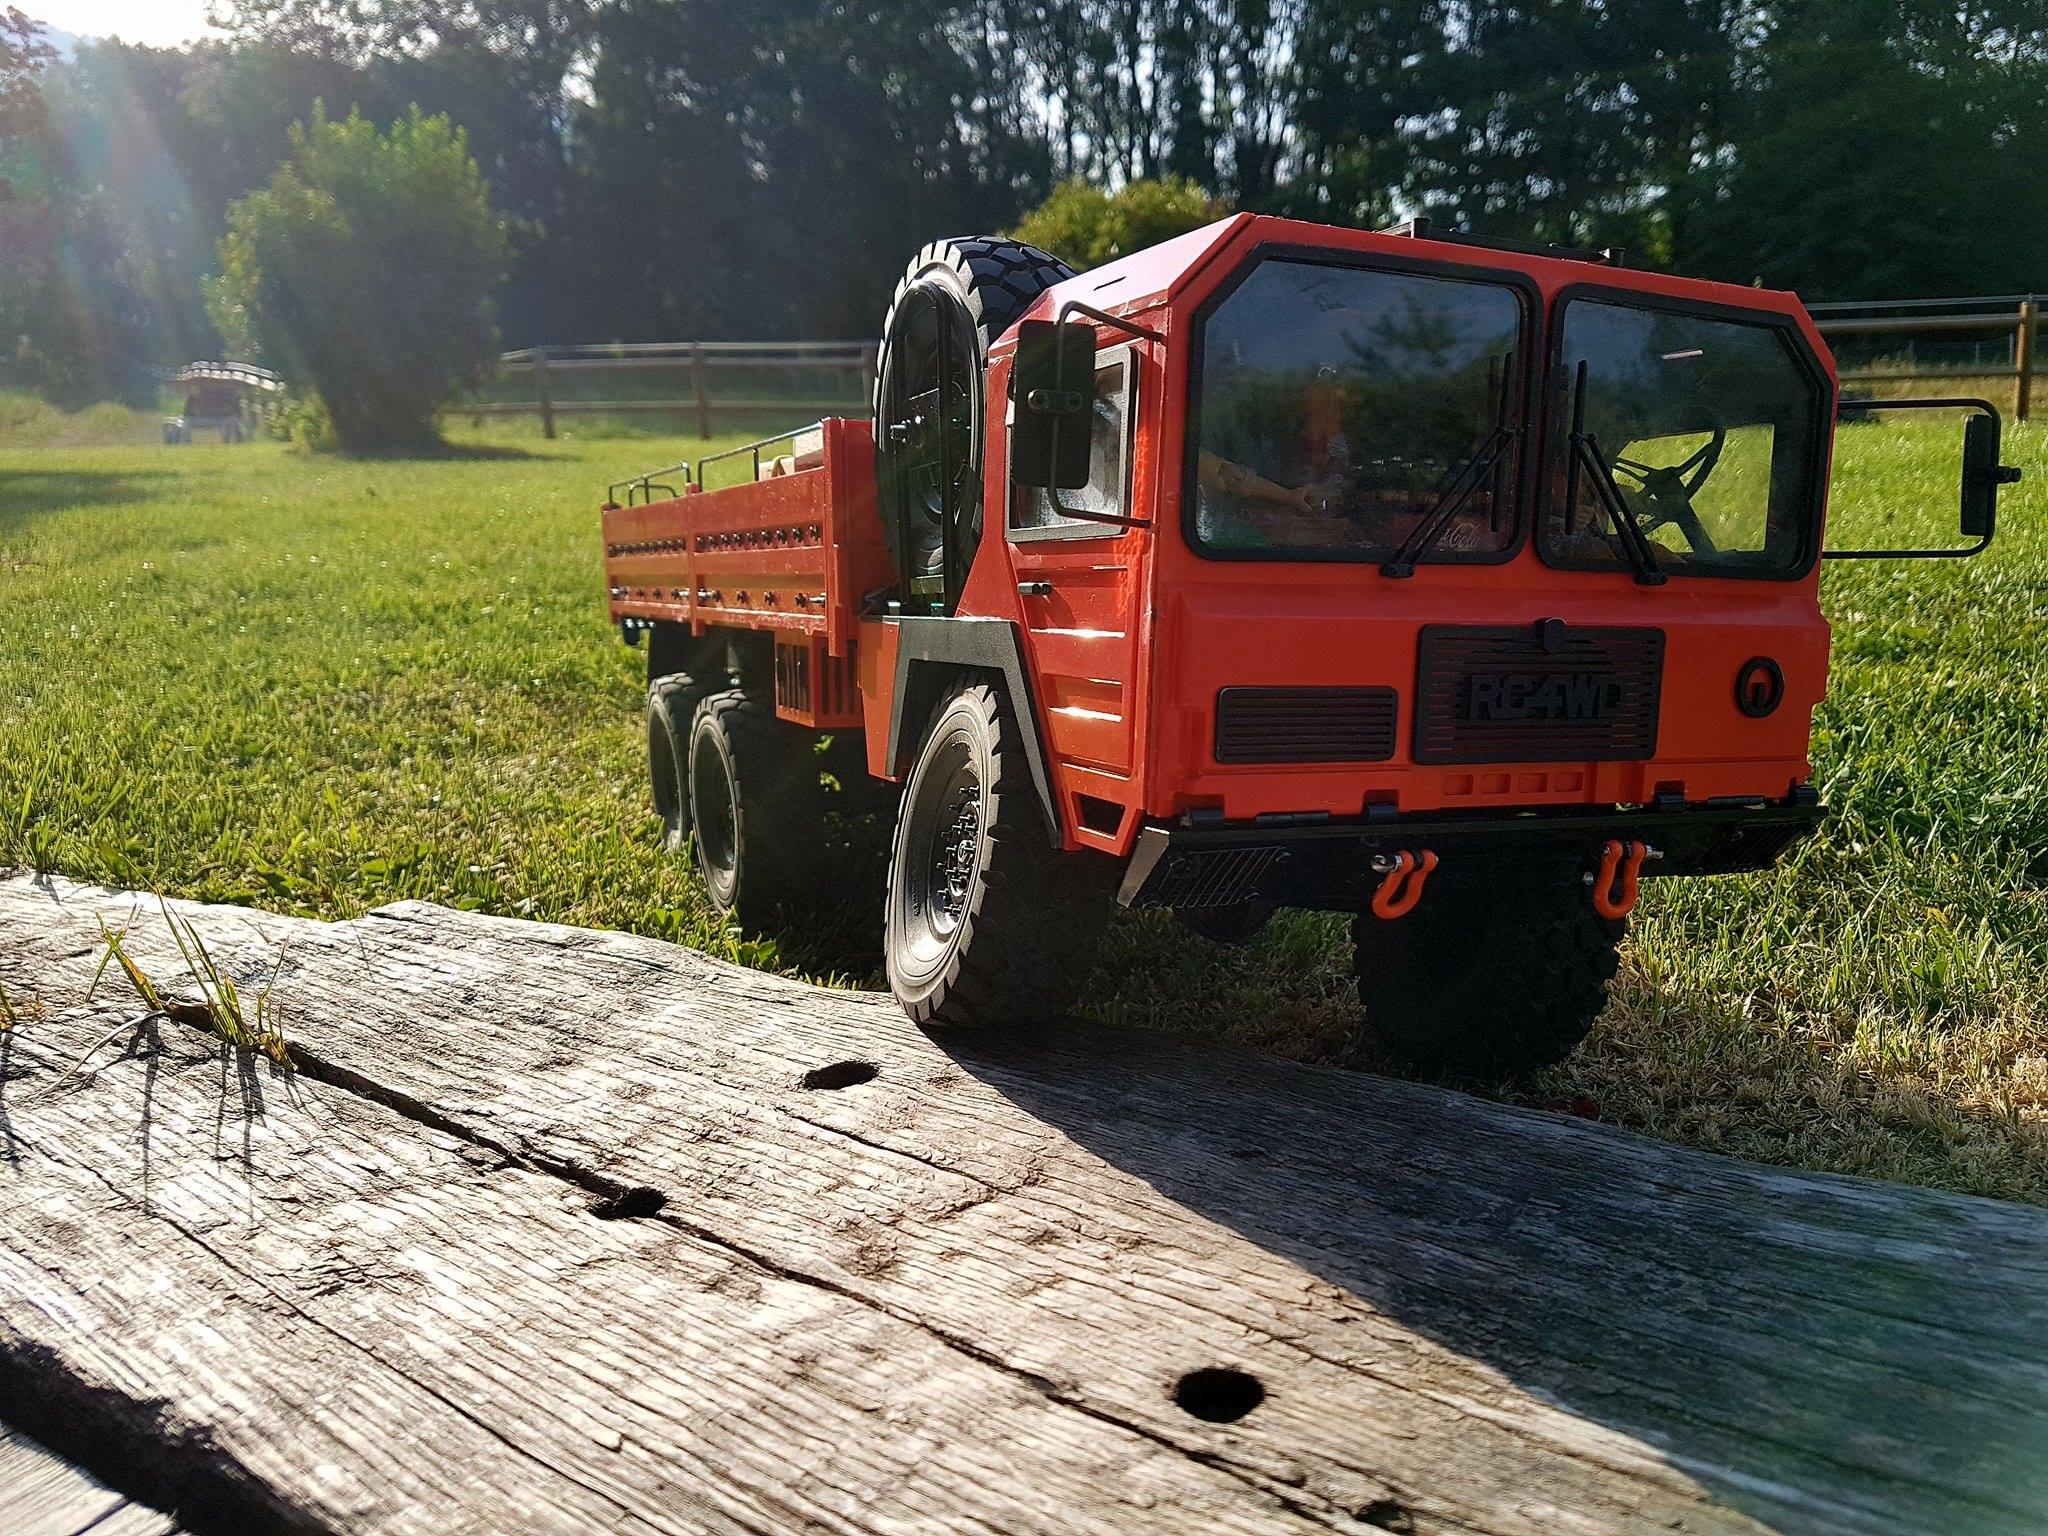 Beast II 6x6 Z-K0052 RC4WD : je me lance !  925695202163241331707930281080938378919o